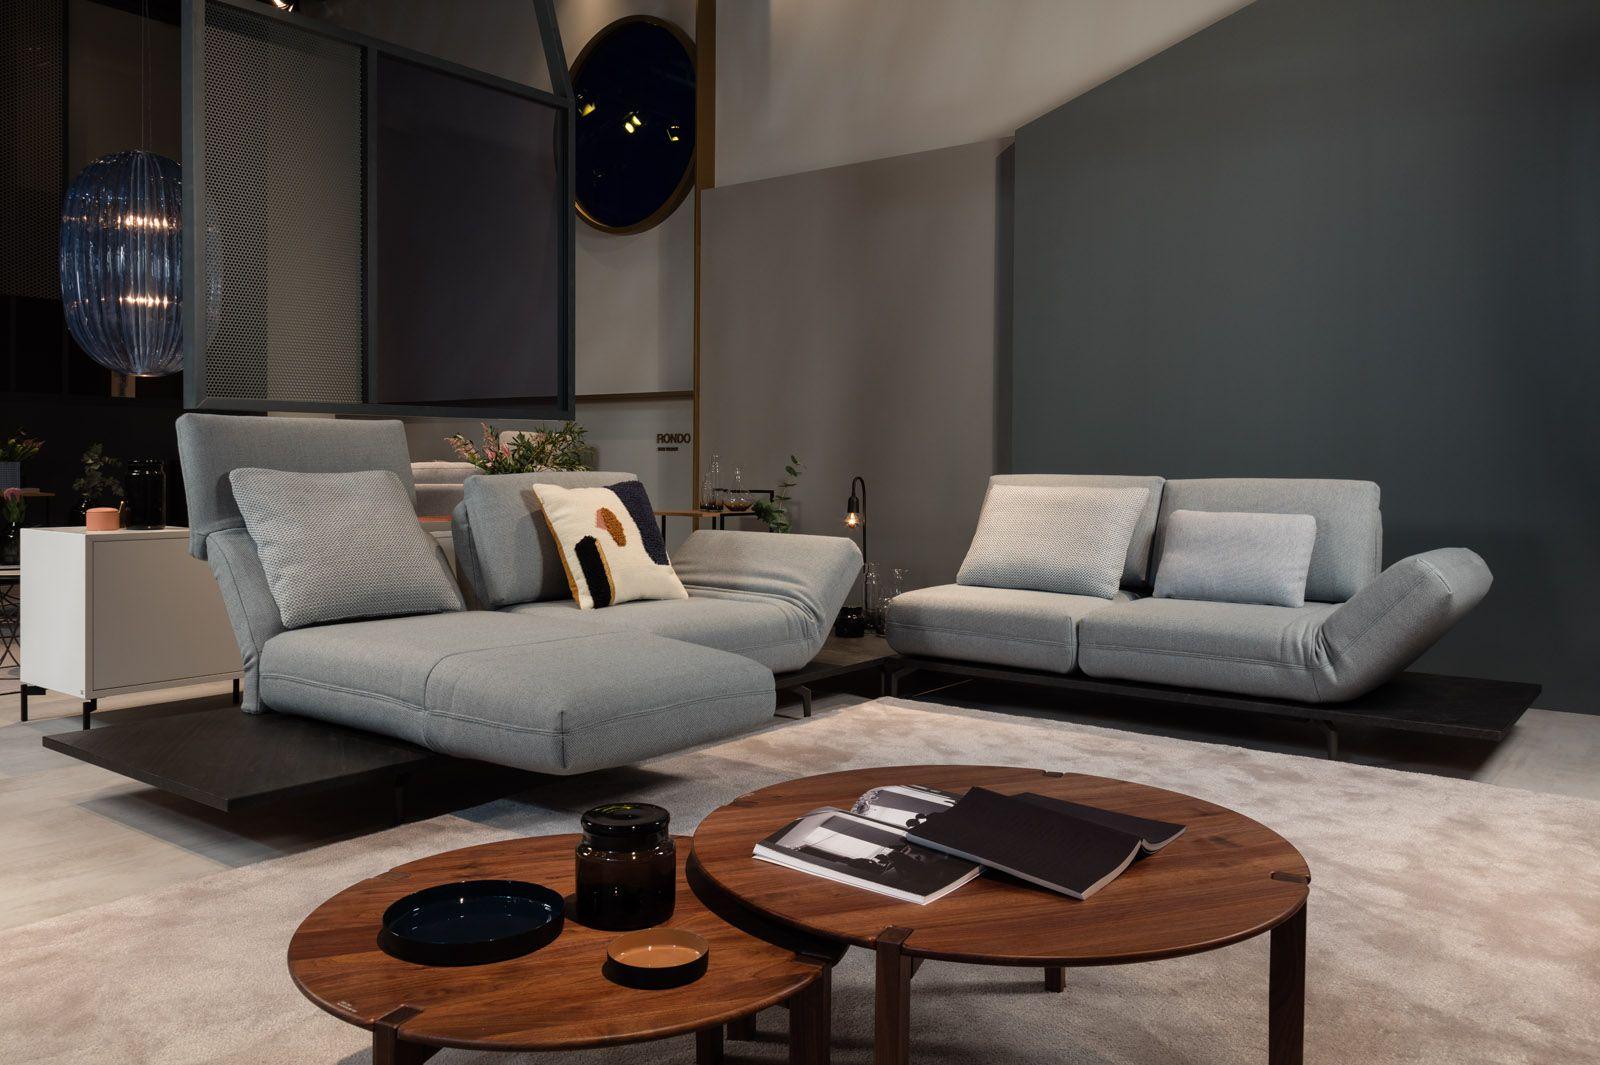 Olf Benz Aura Authentic Elegance For The Living Room Rolfbenz Luxurysofa Designersofa Luxurylivingroom Modernhome Wohnung Haus Wohnzimmer